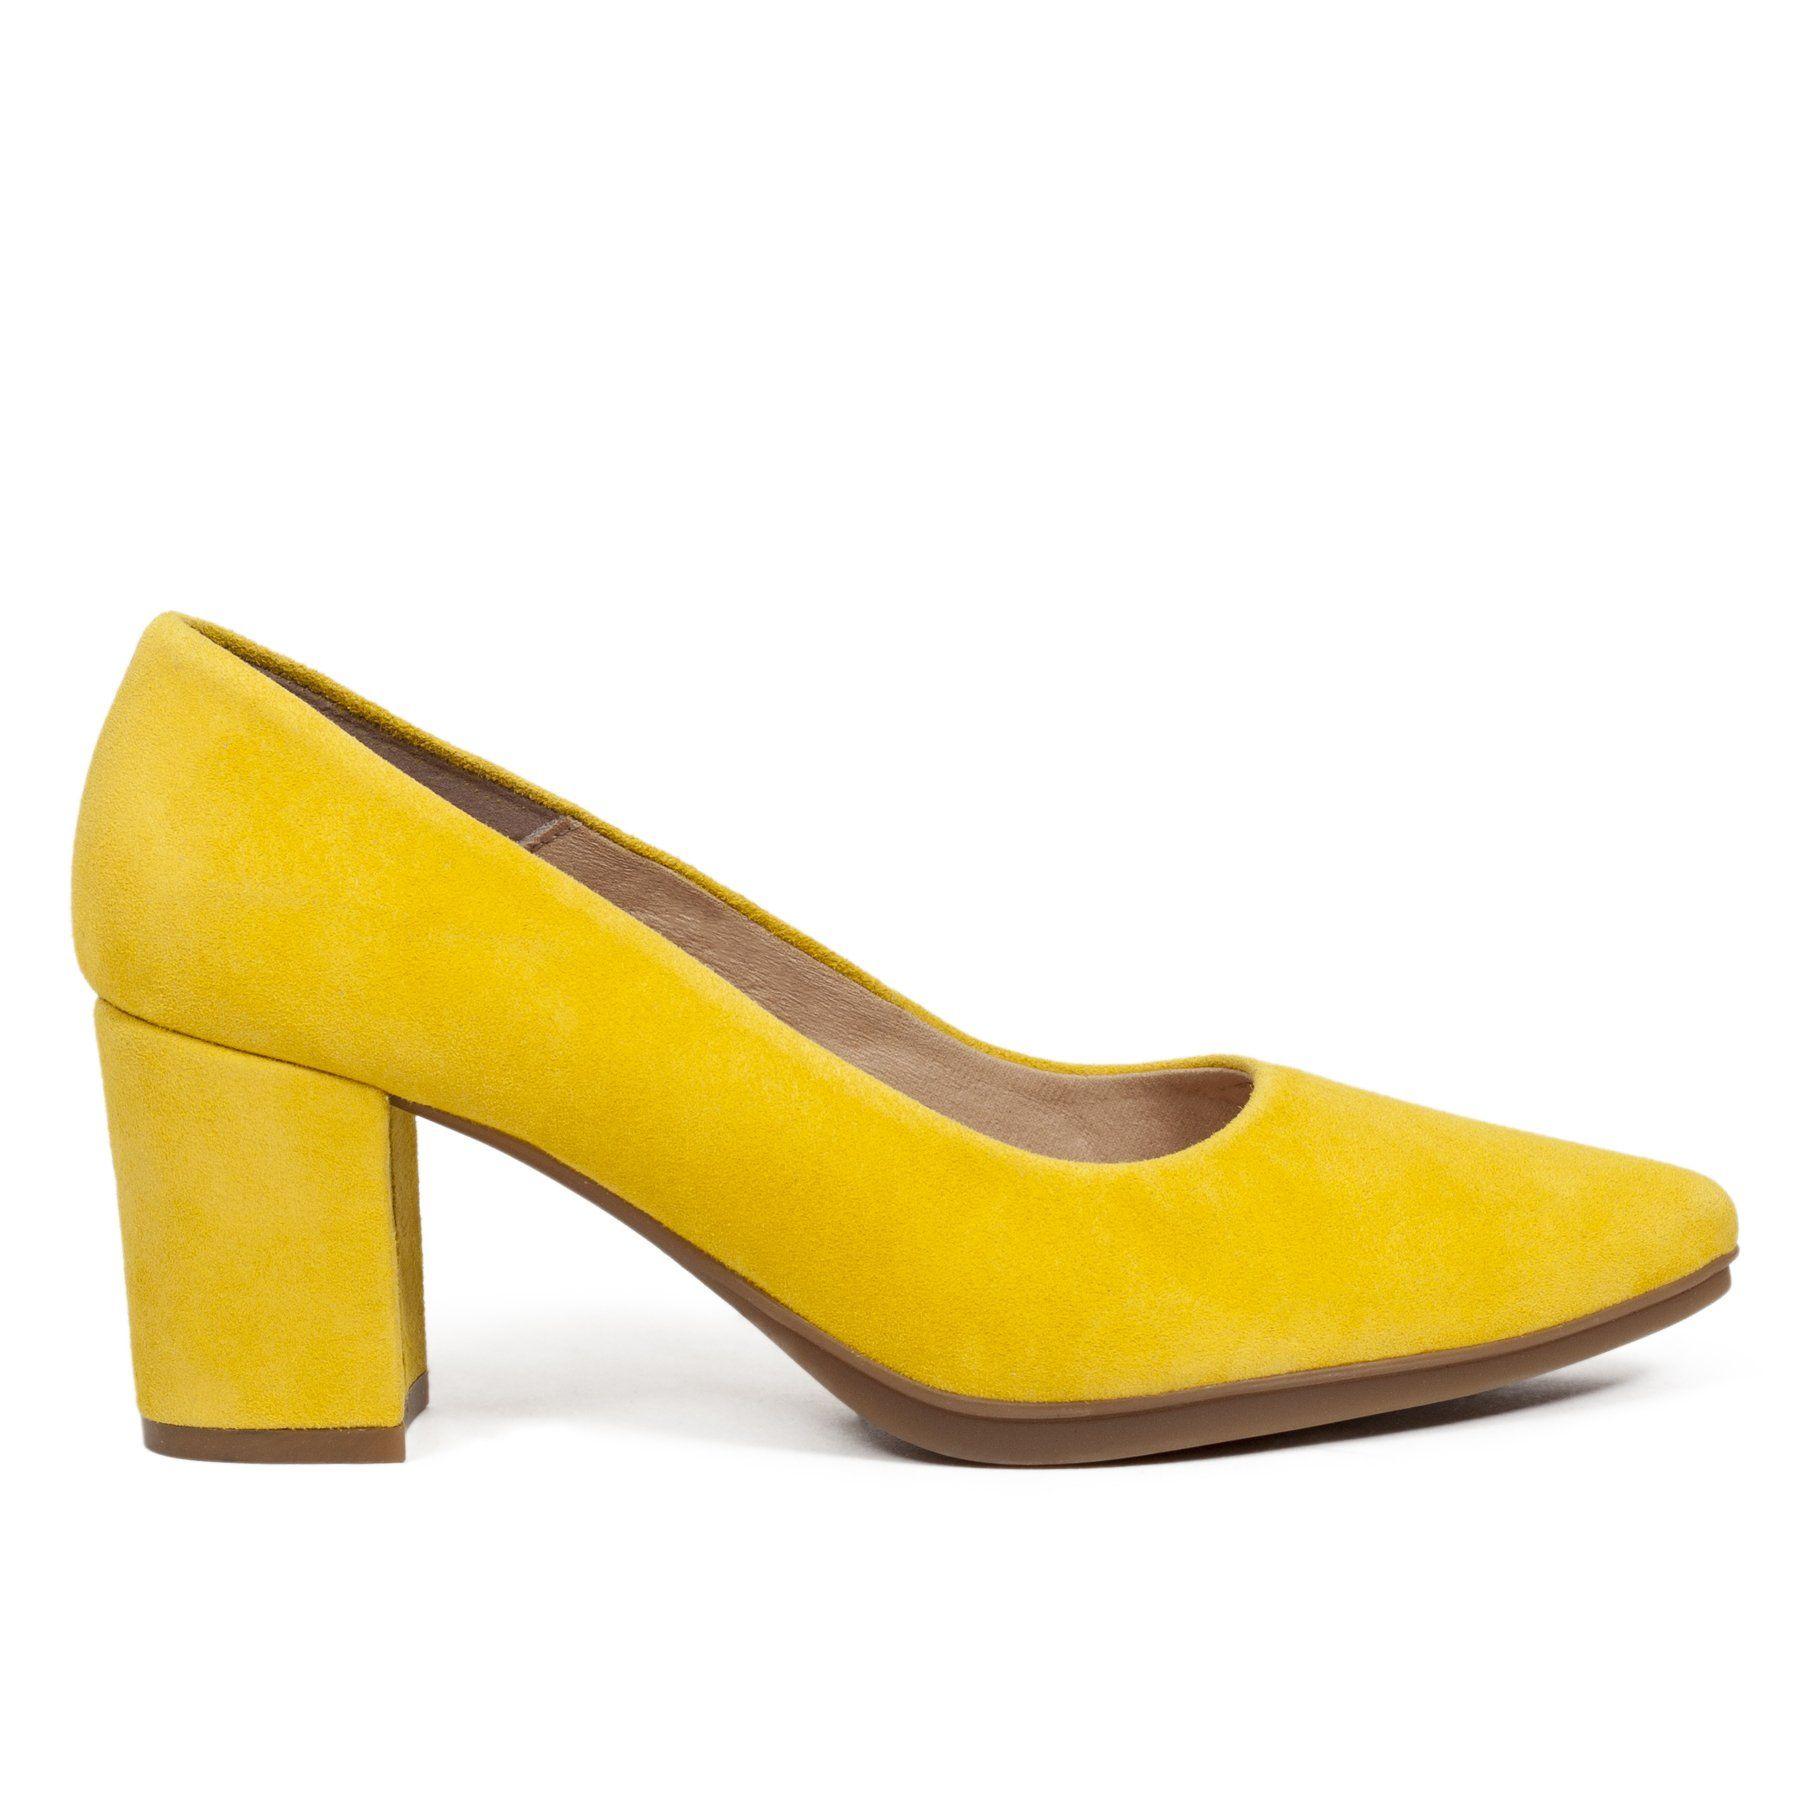 Zapato de tacón cómodo AMARILLO – Zapatos miMaO Online Hecho